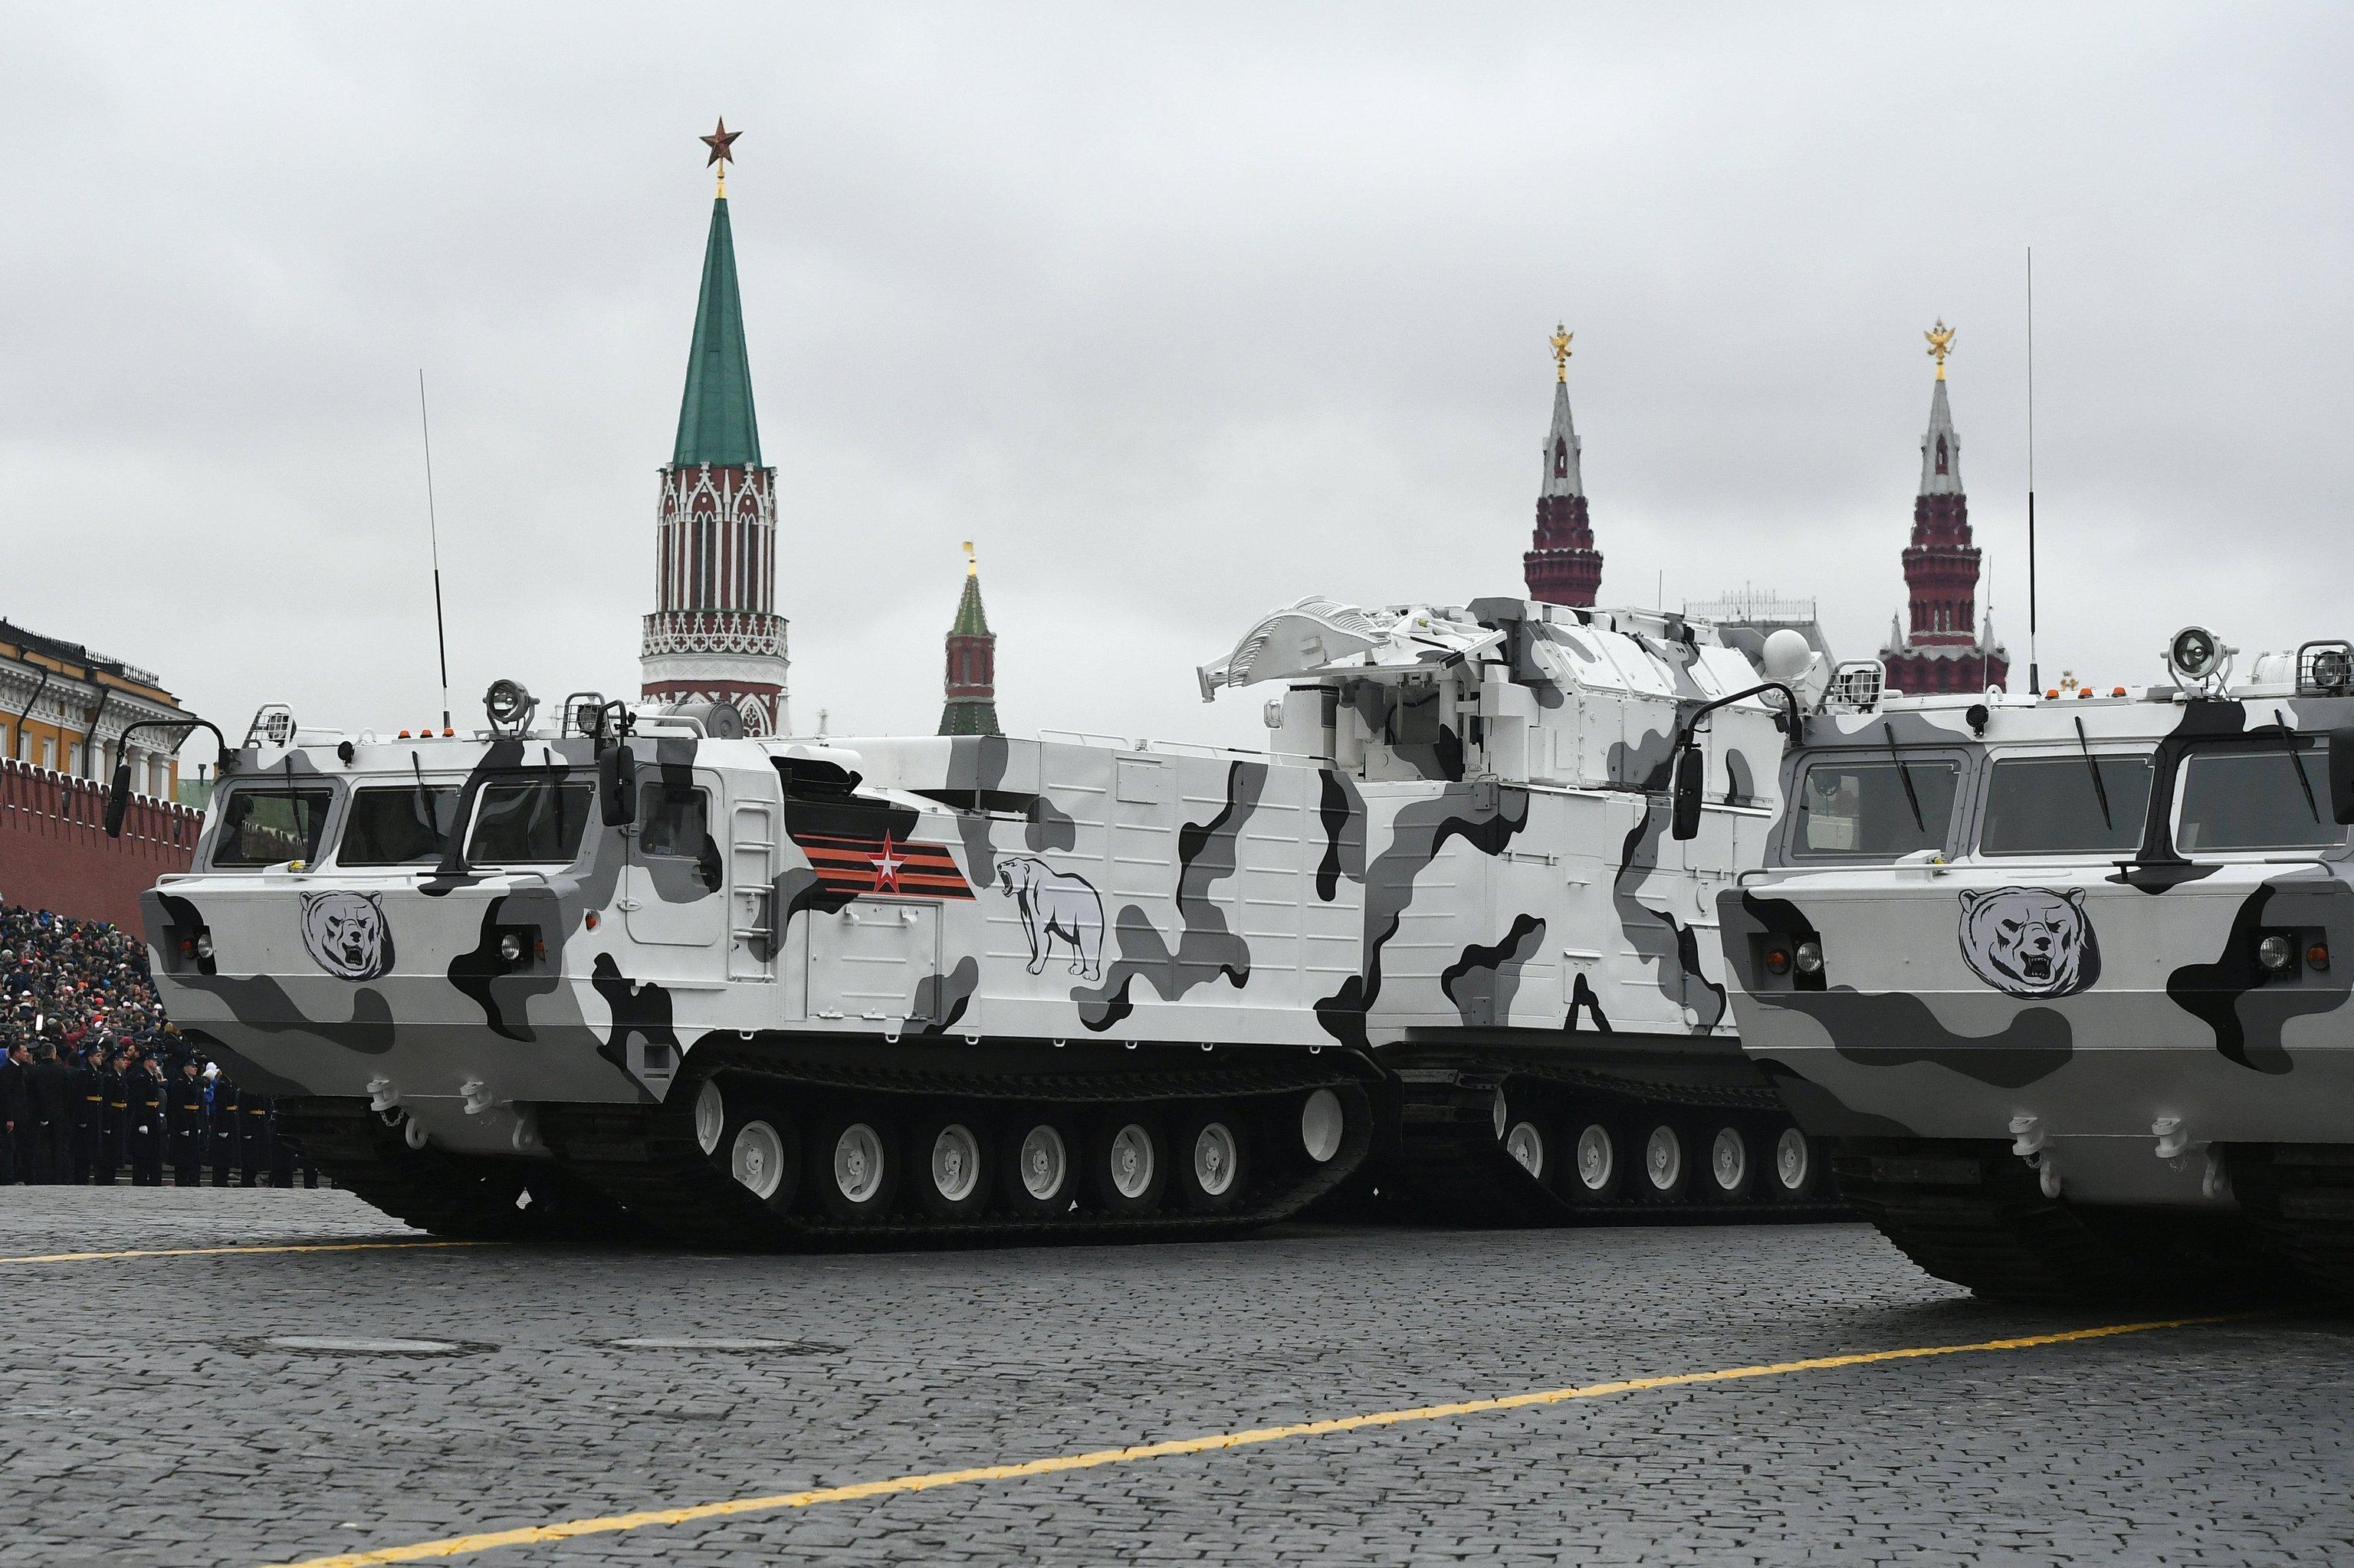 Зенитно-ракетный комплекс Тор М2 на базе вездехода ДТ-30 на военном параде на Красной площади